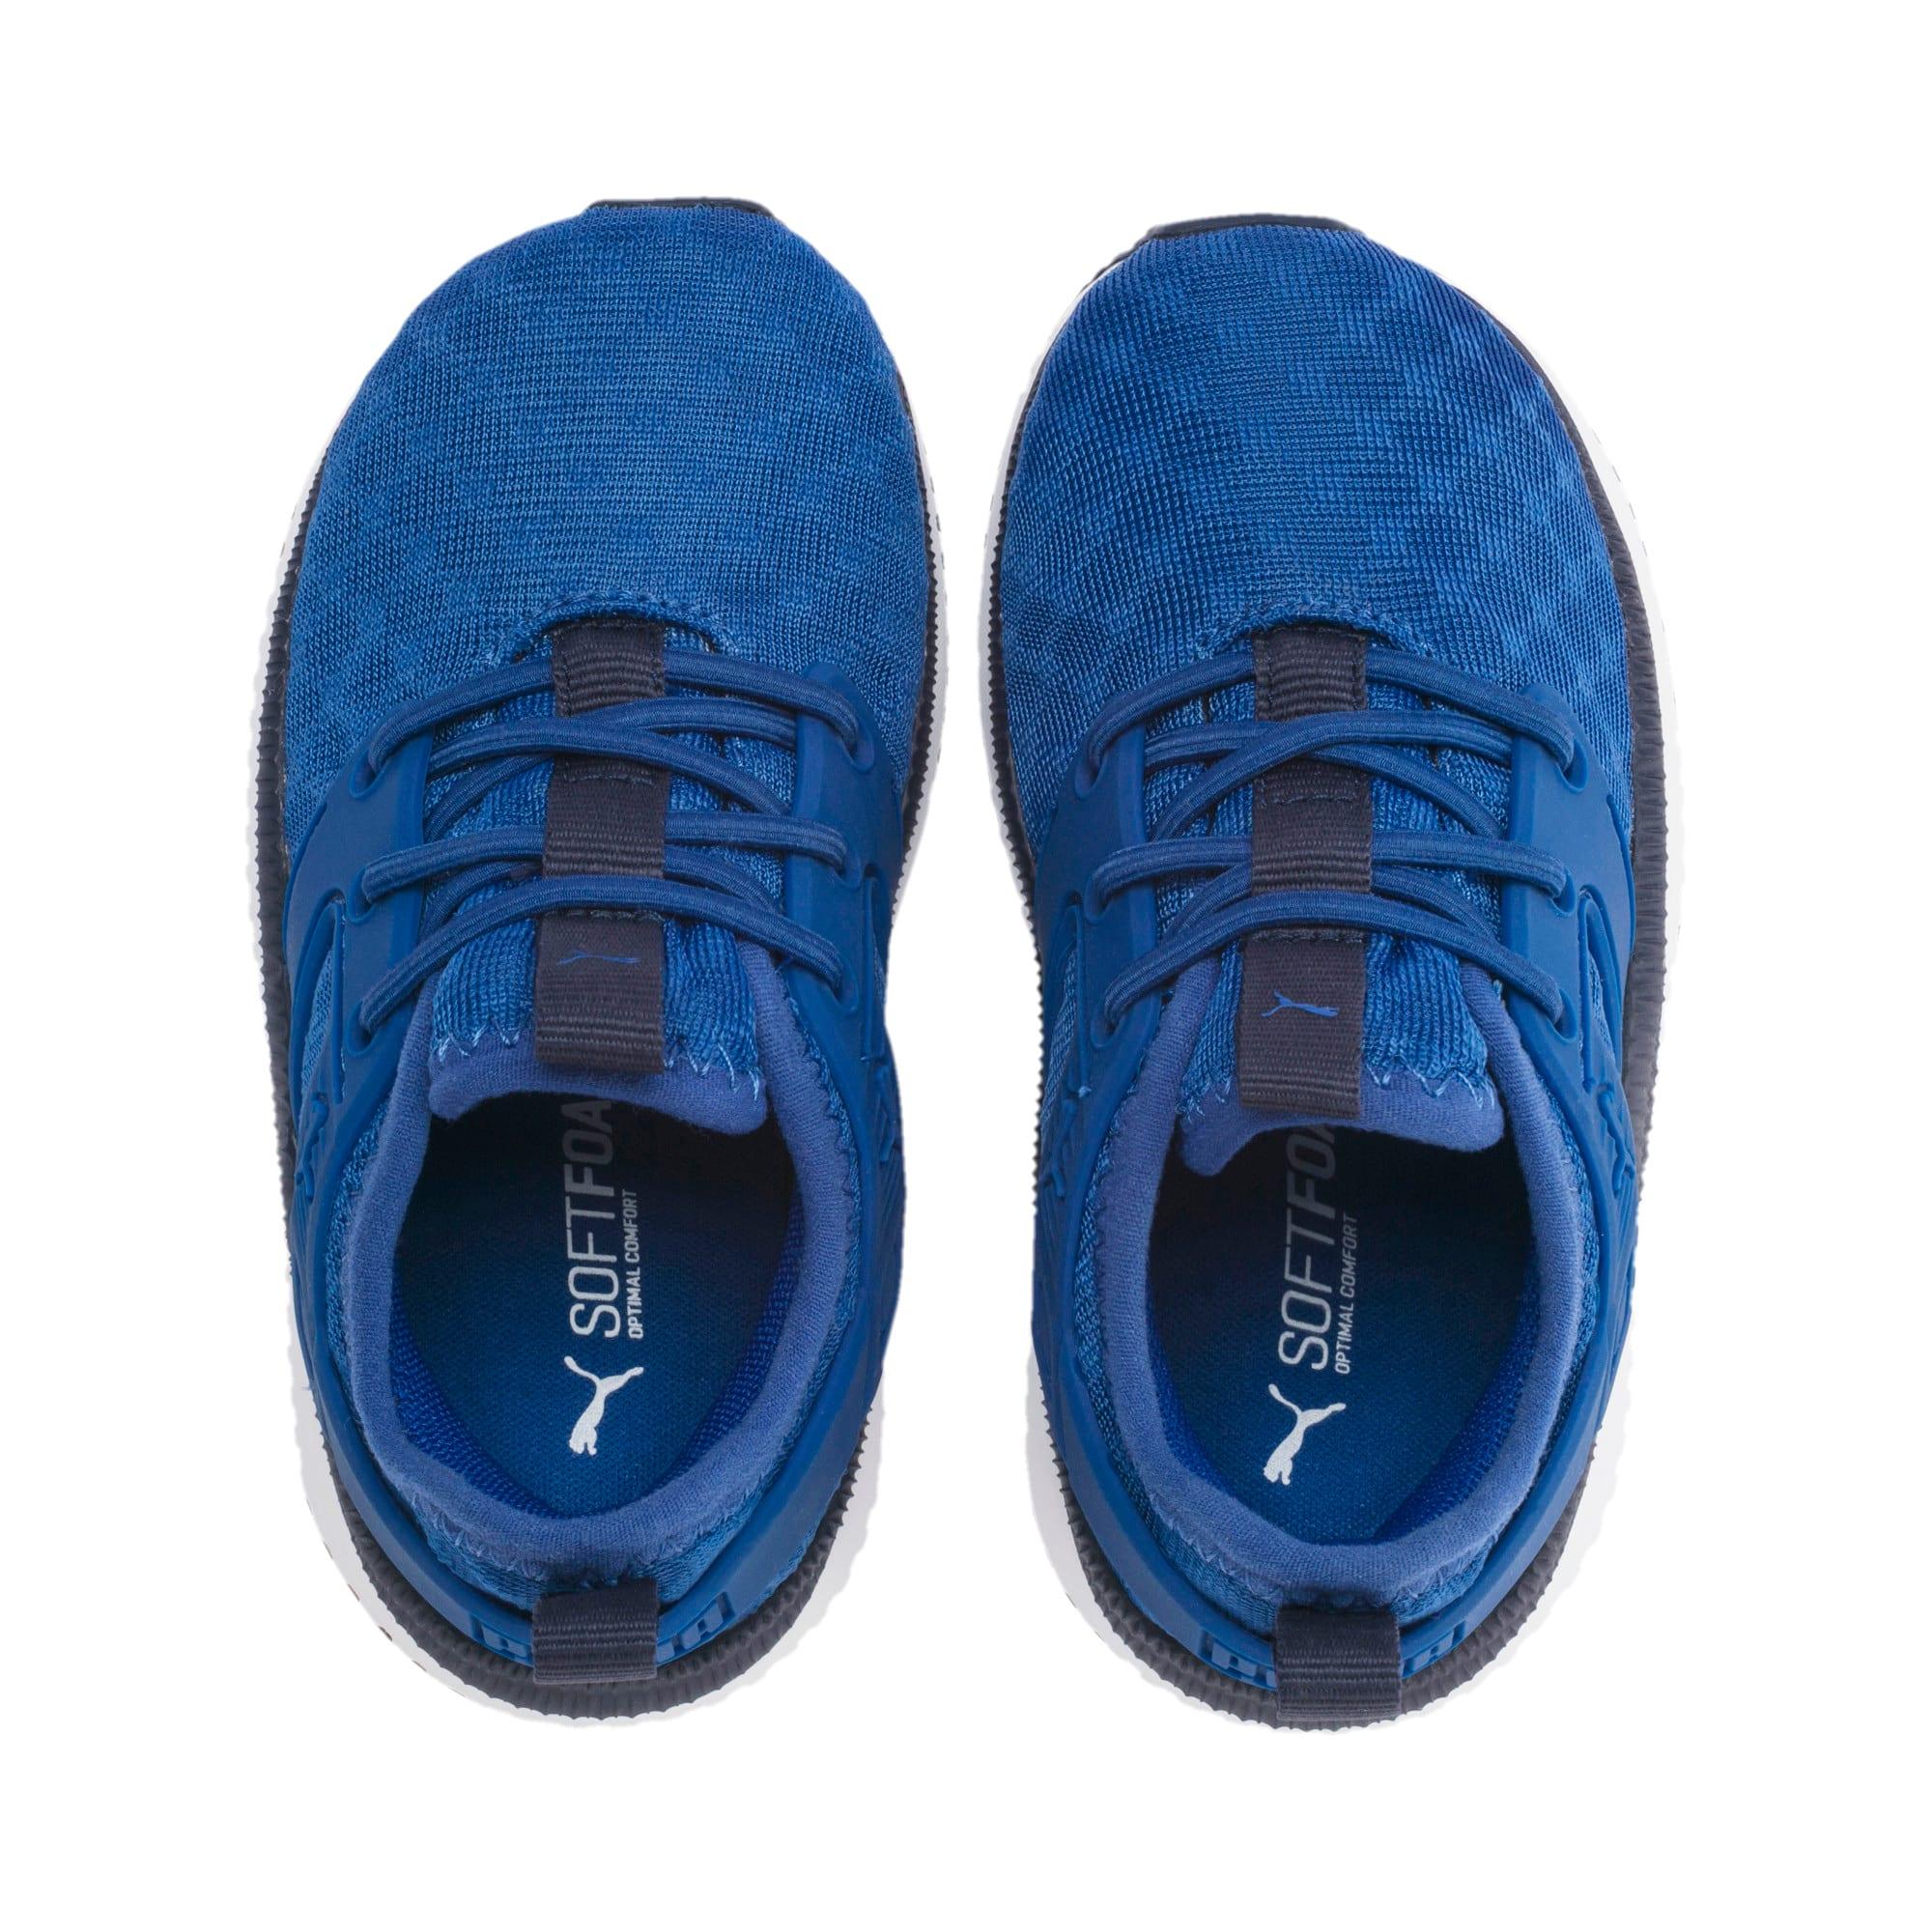 Miniatura 6 de Zapatos Pacer NextExcel para bebé, Galaxy Blue-Peacoat, mediano